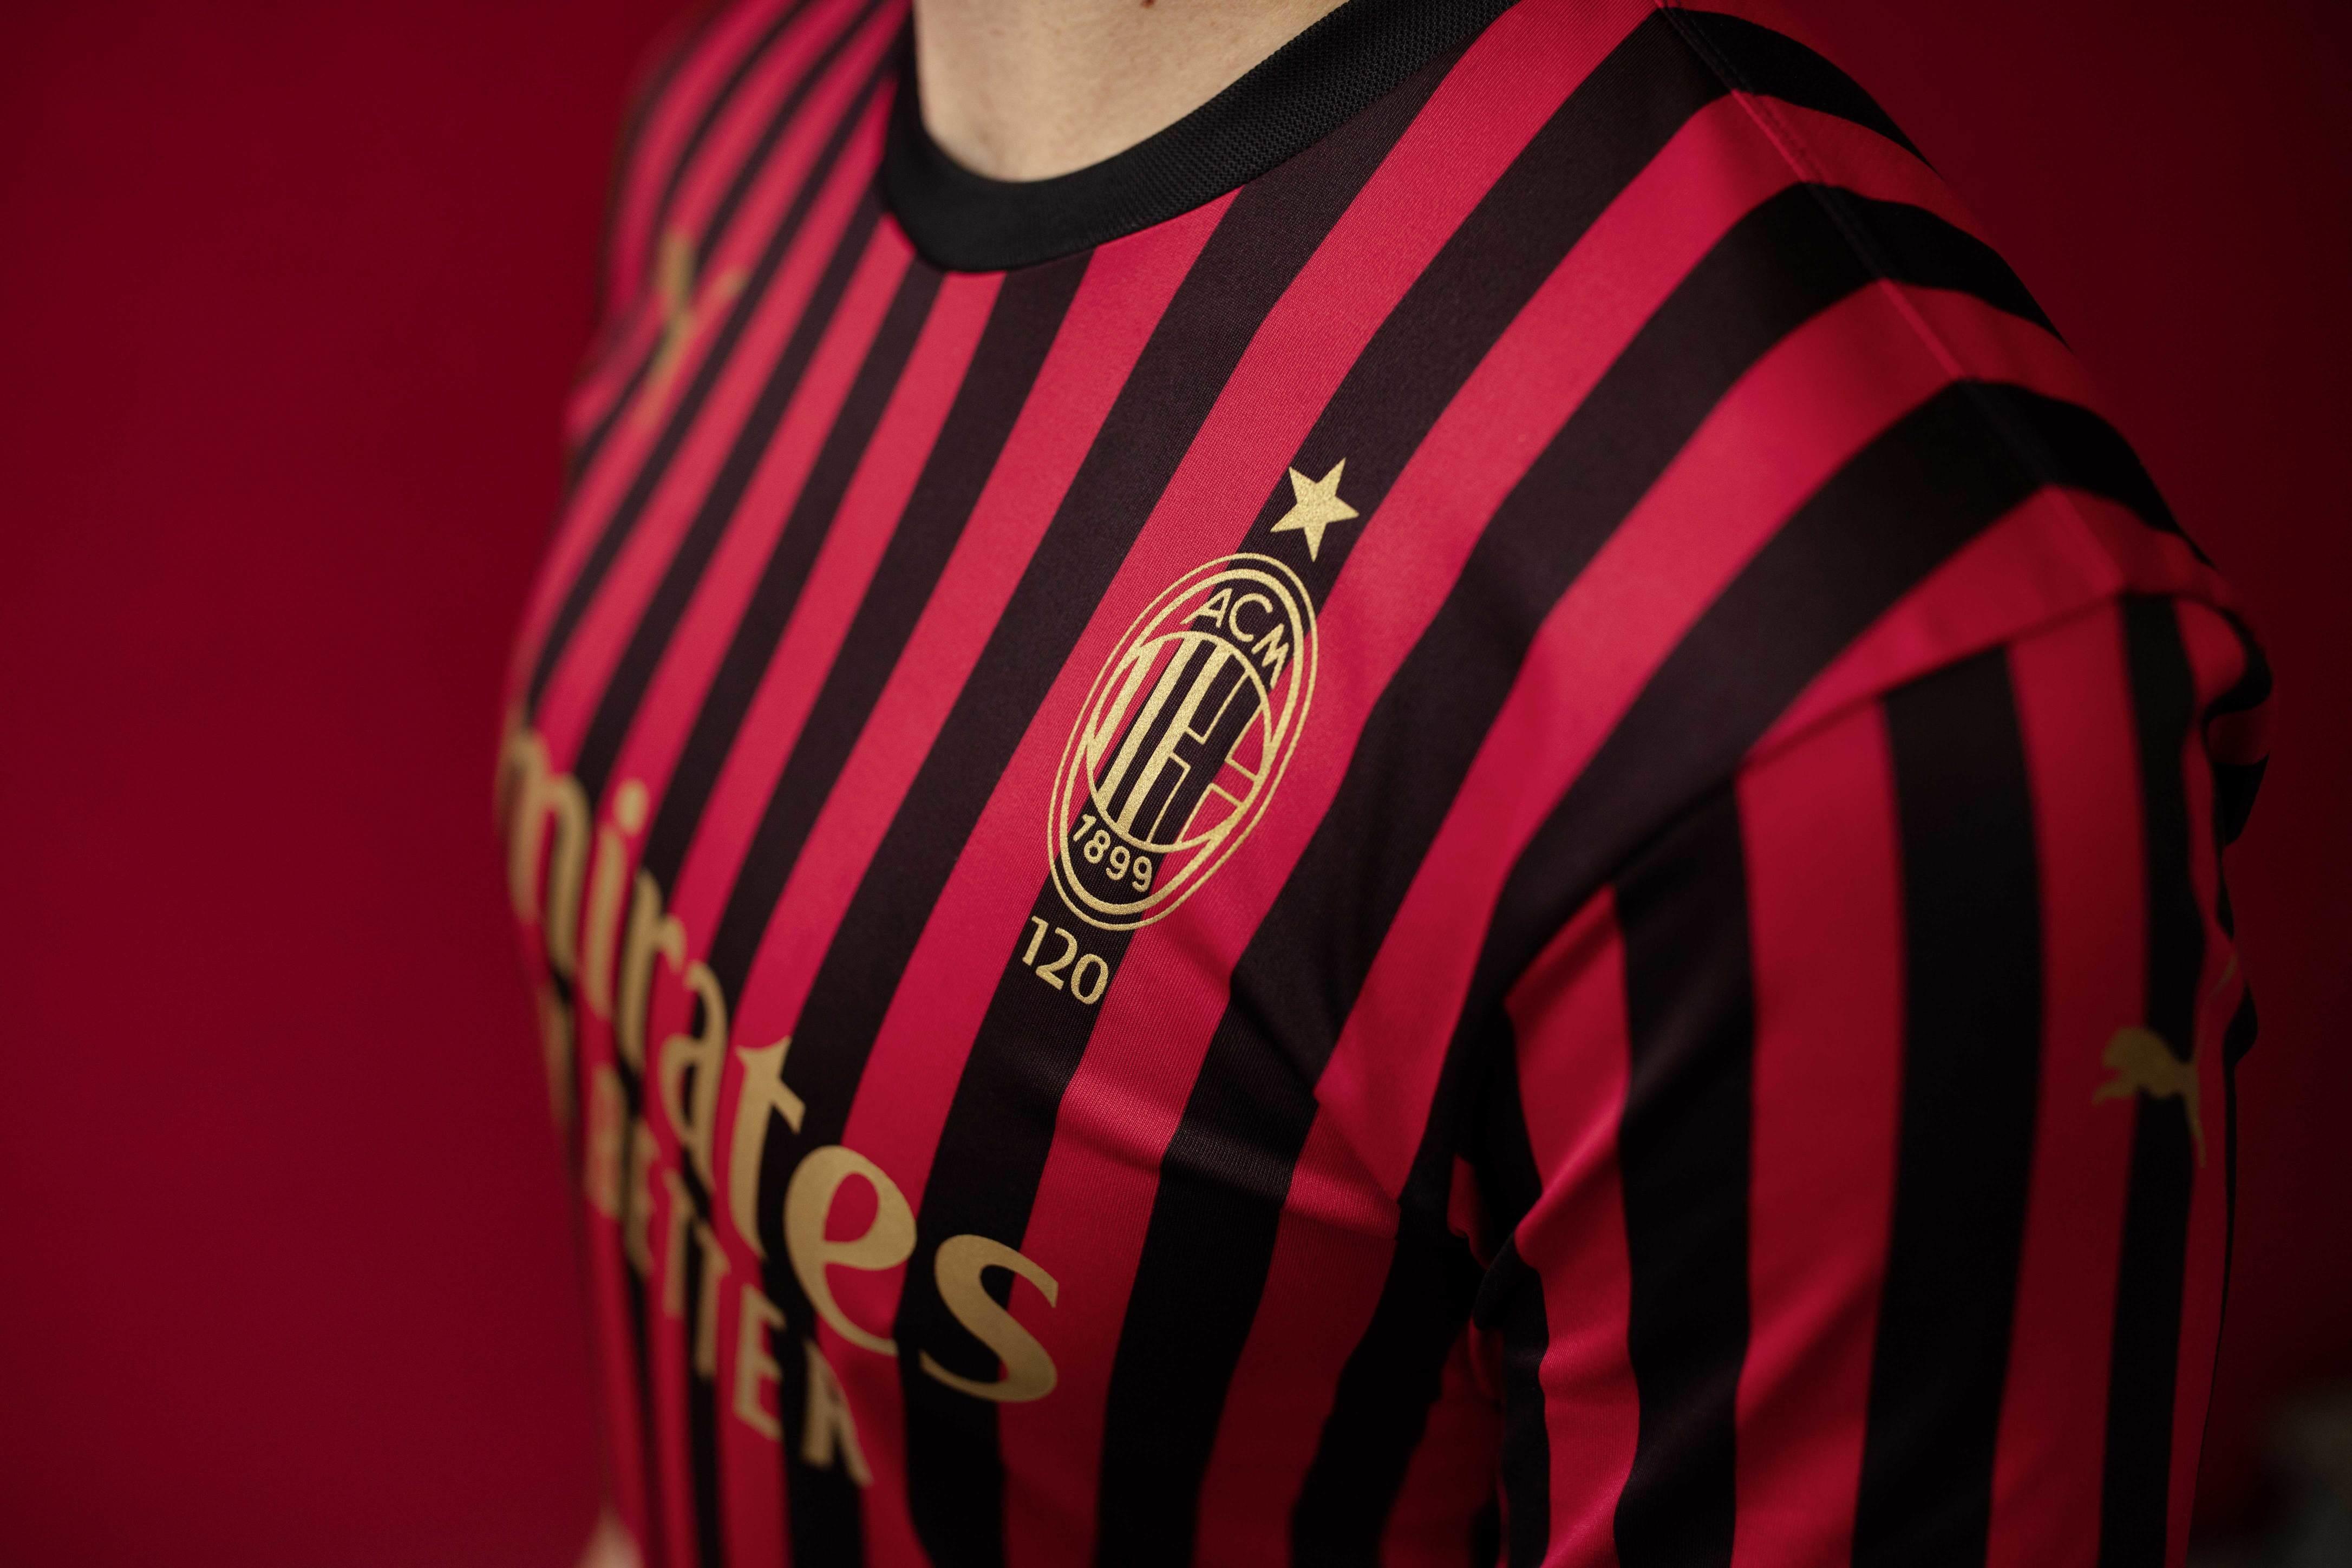 Il Milan e Puma hanno presentato la maglia celebrativa per i 120 anni di storia. Il Kit presenta elementi di design che celebrano questa storica ricor...